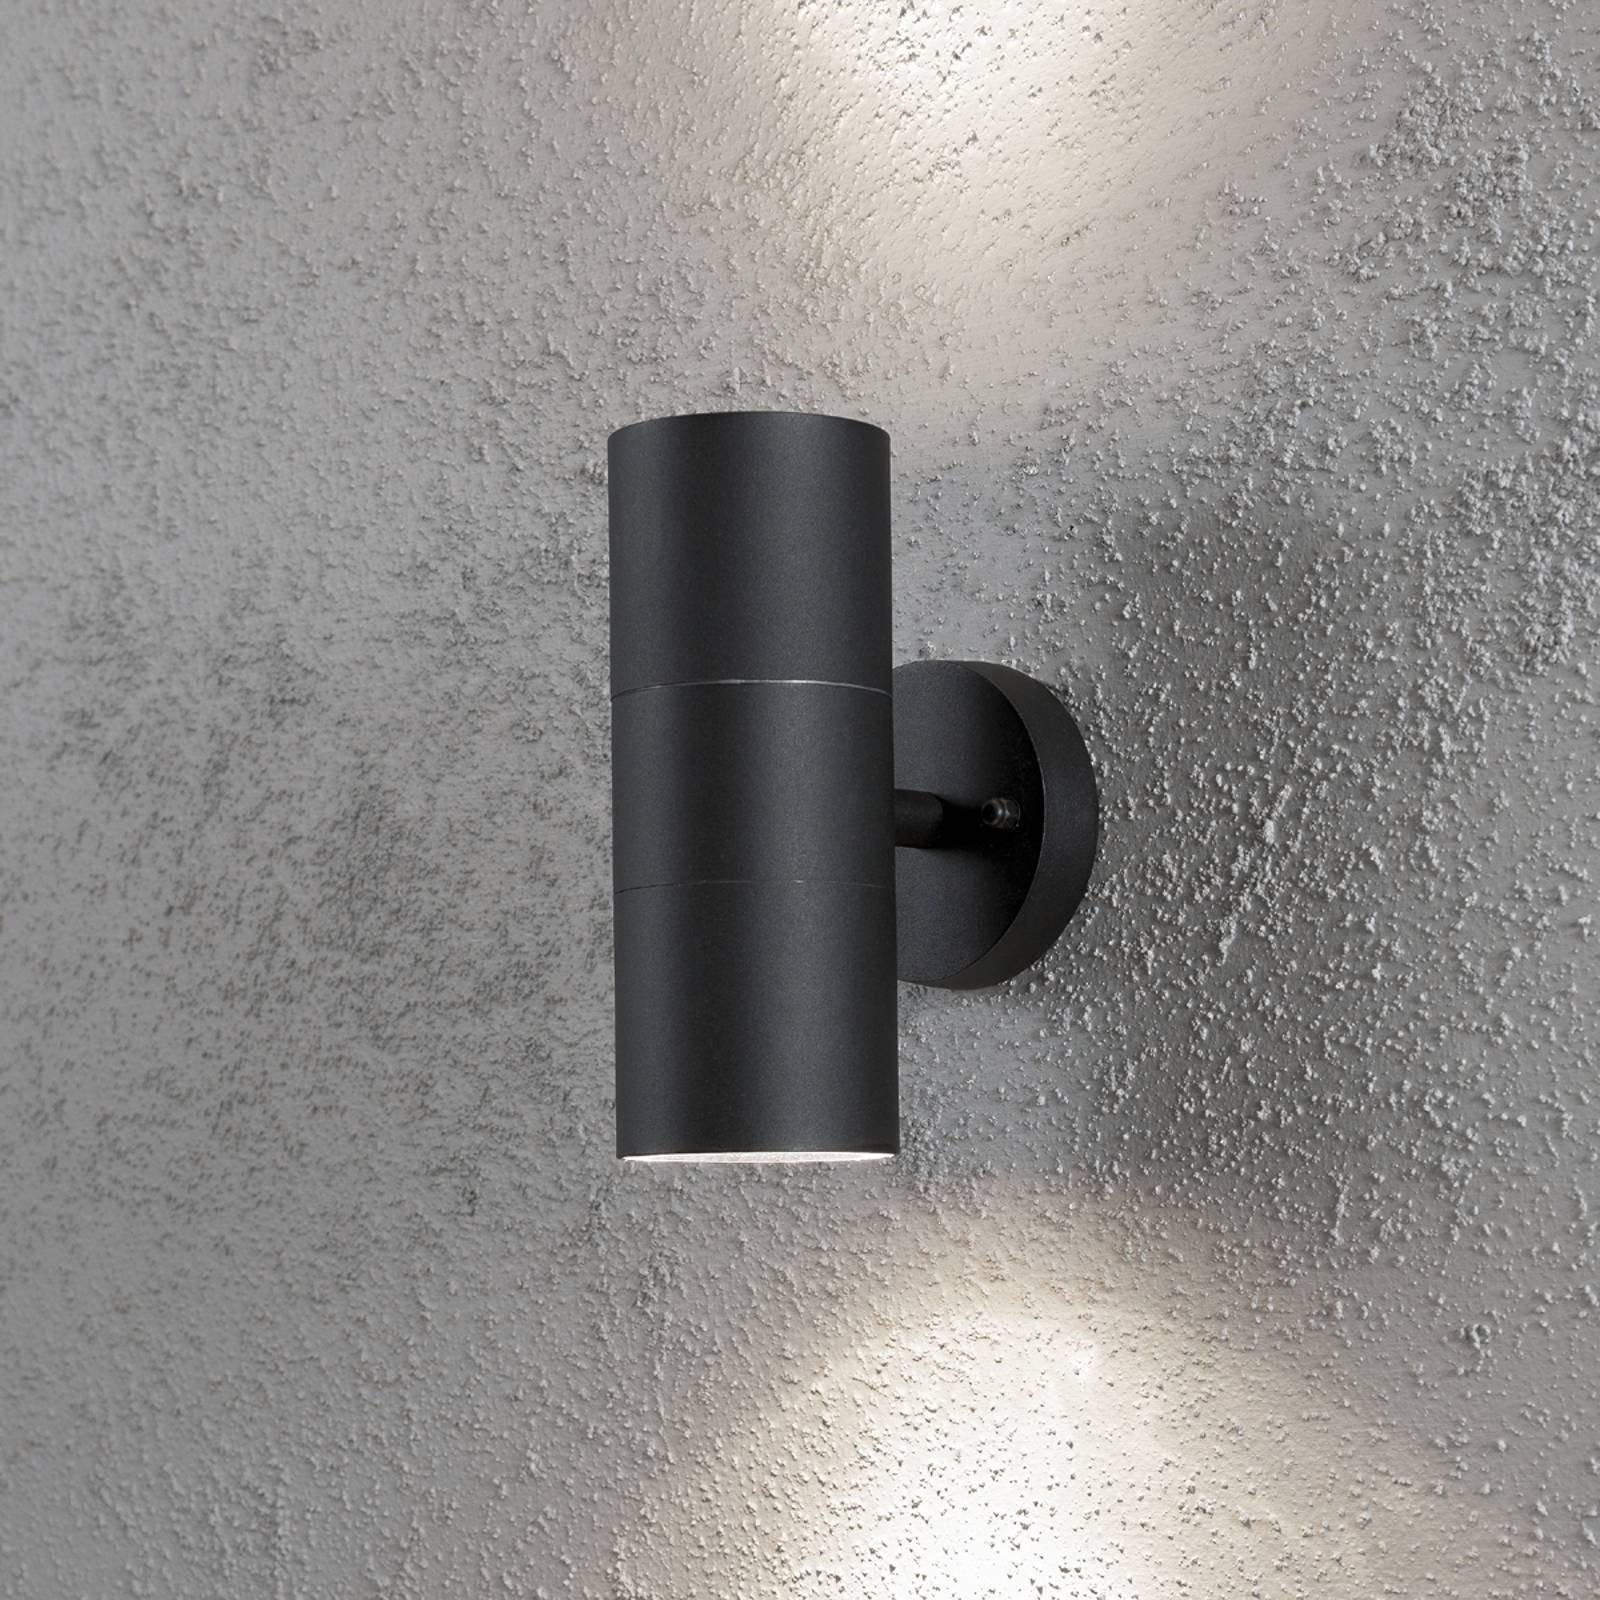 Utendørs NEW MODENA vegglampe med to lys i svart